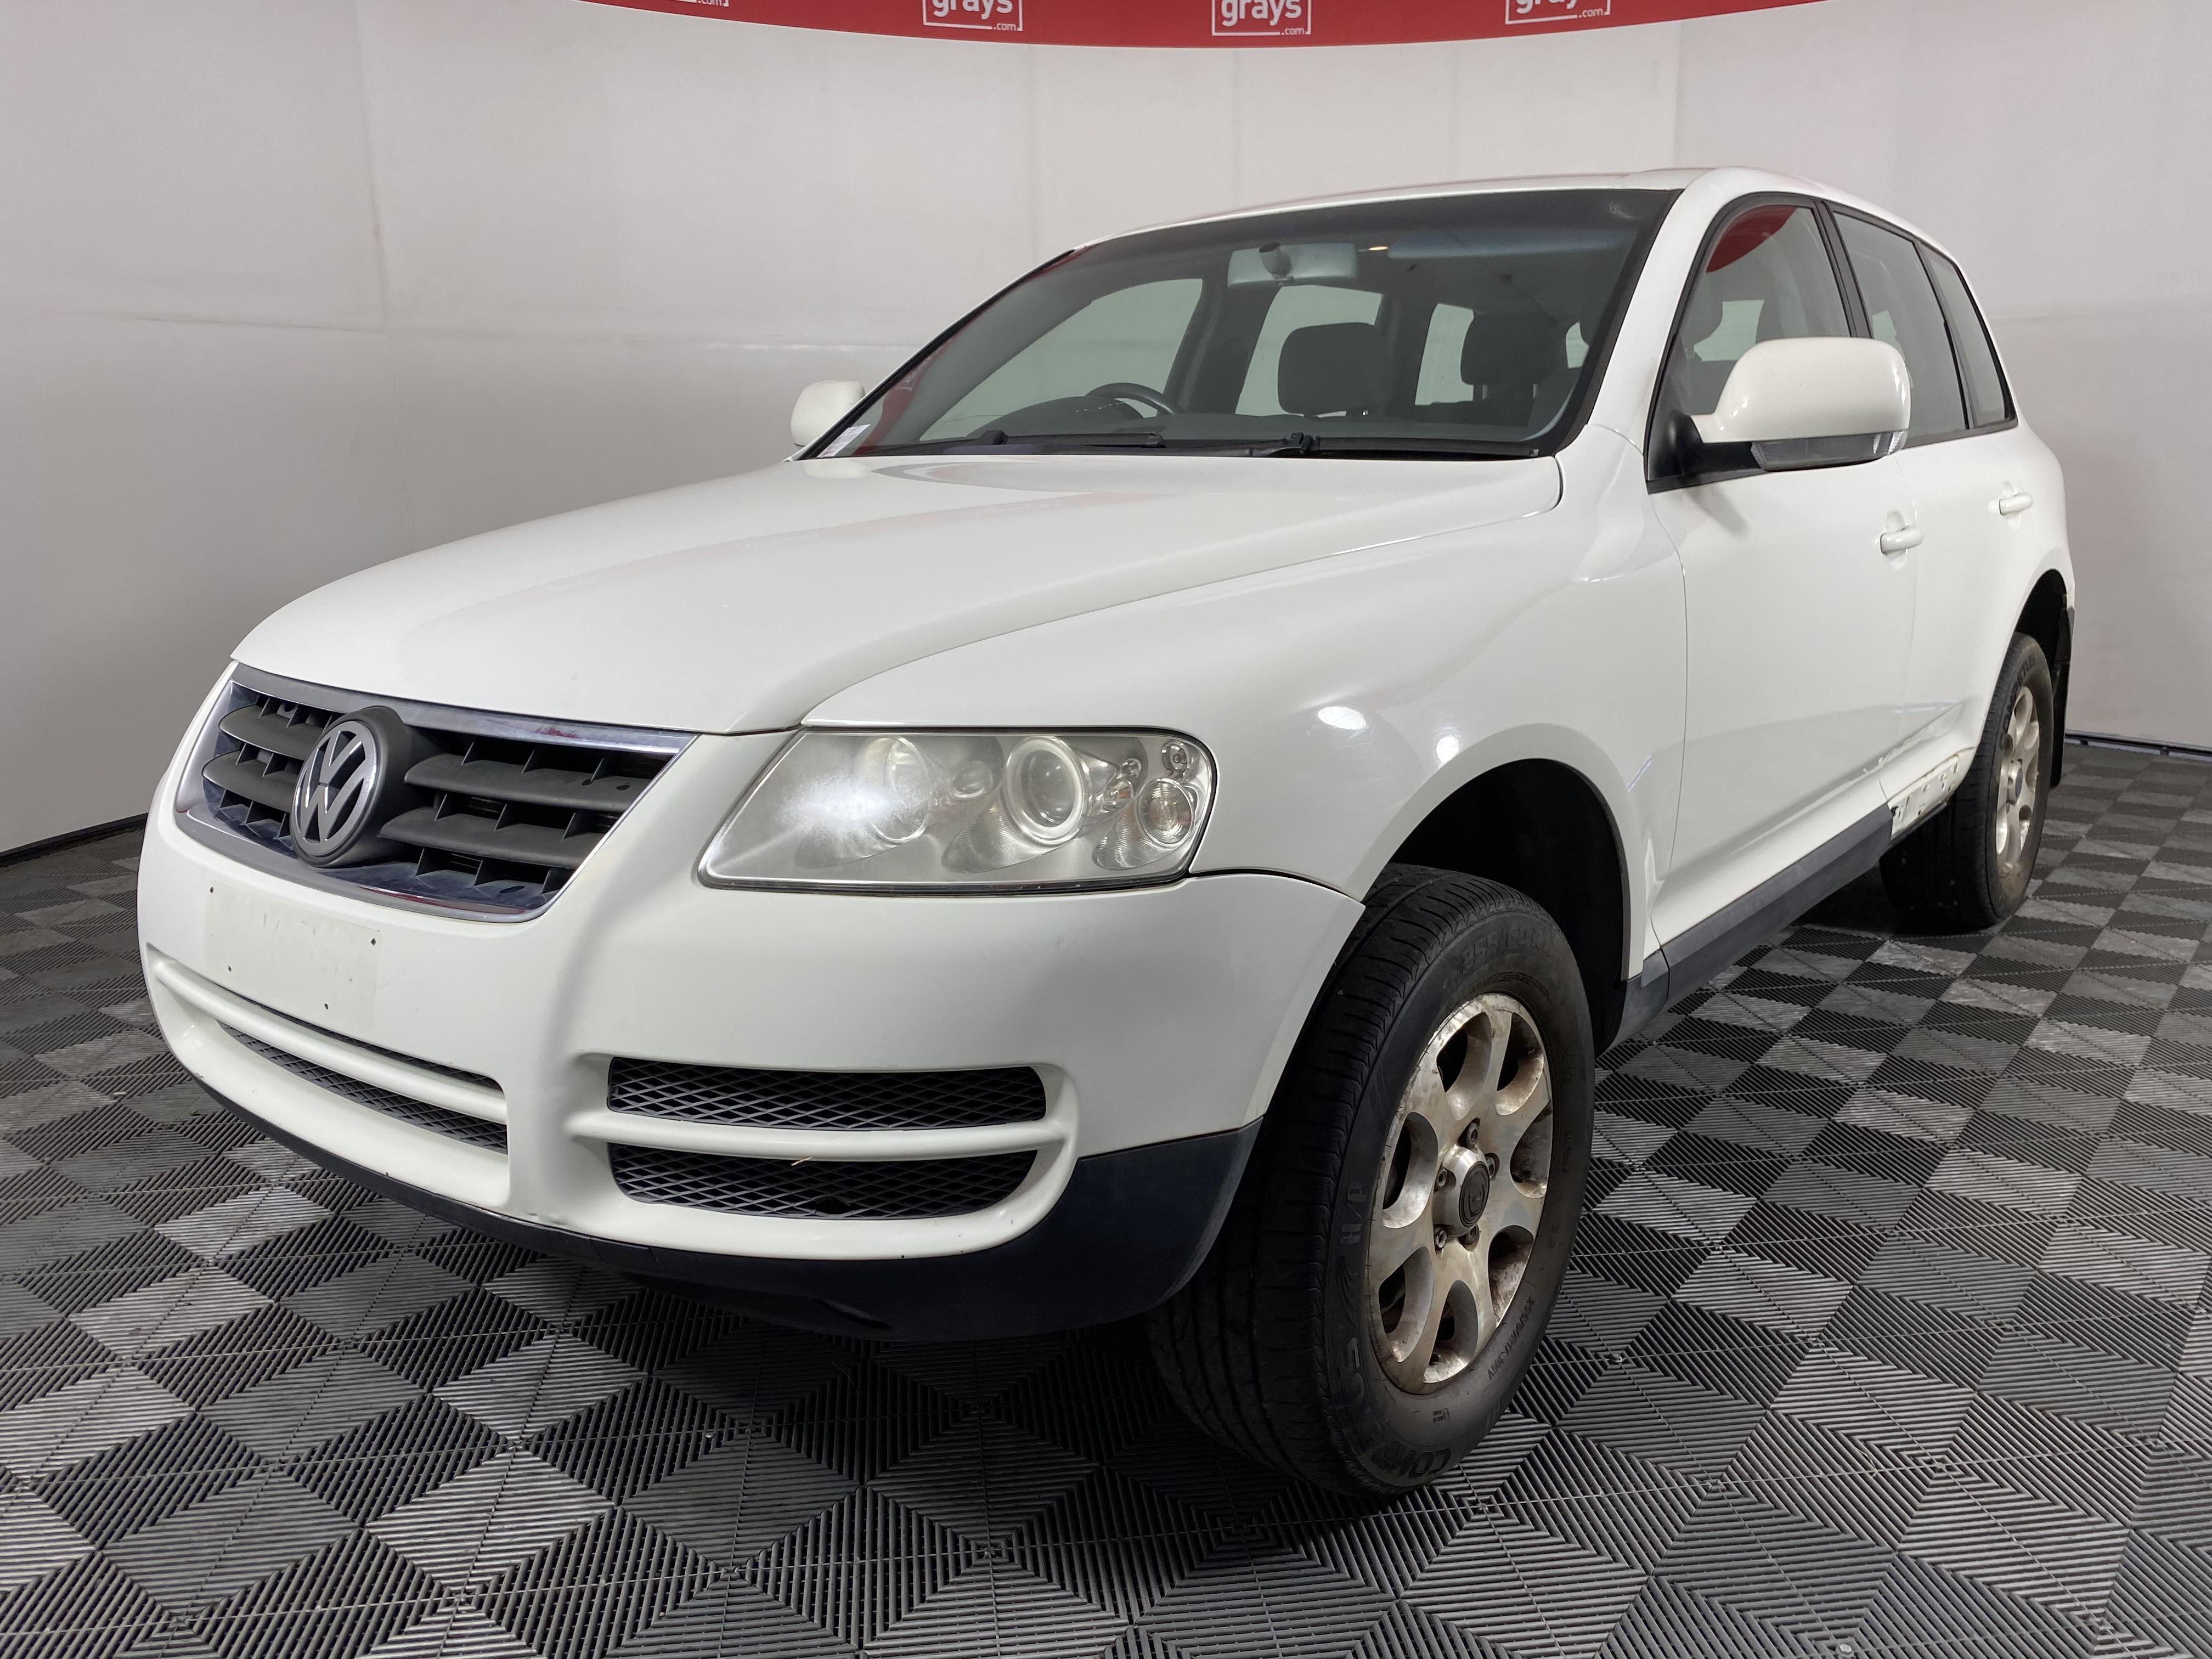 2004 (2006) Volkswagen Touareg V6 7L Automatic Wagon